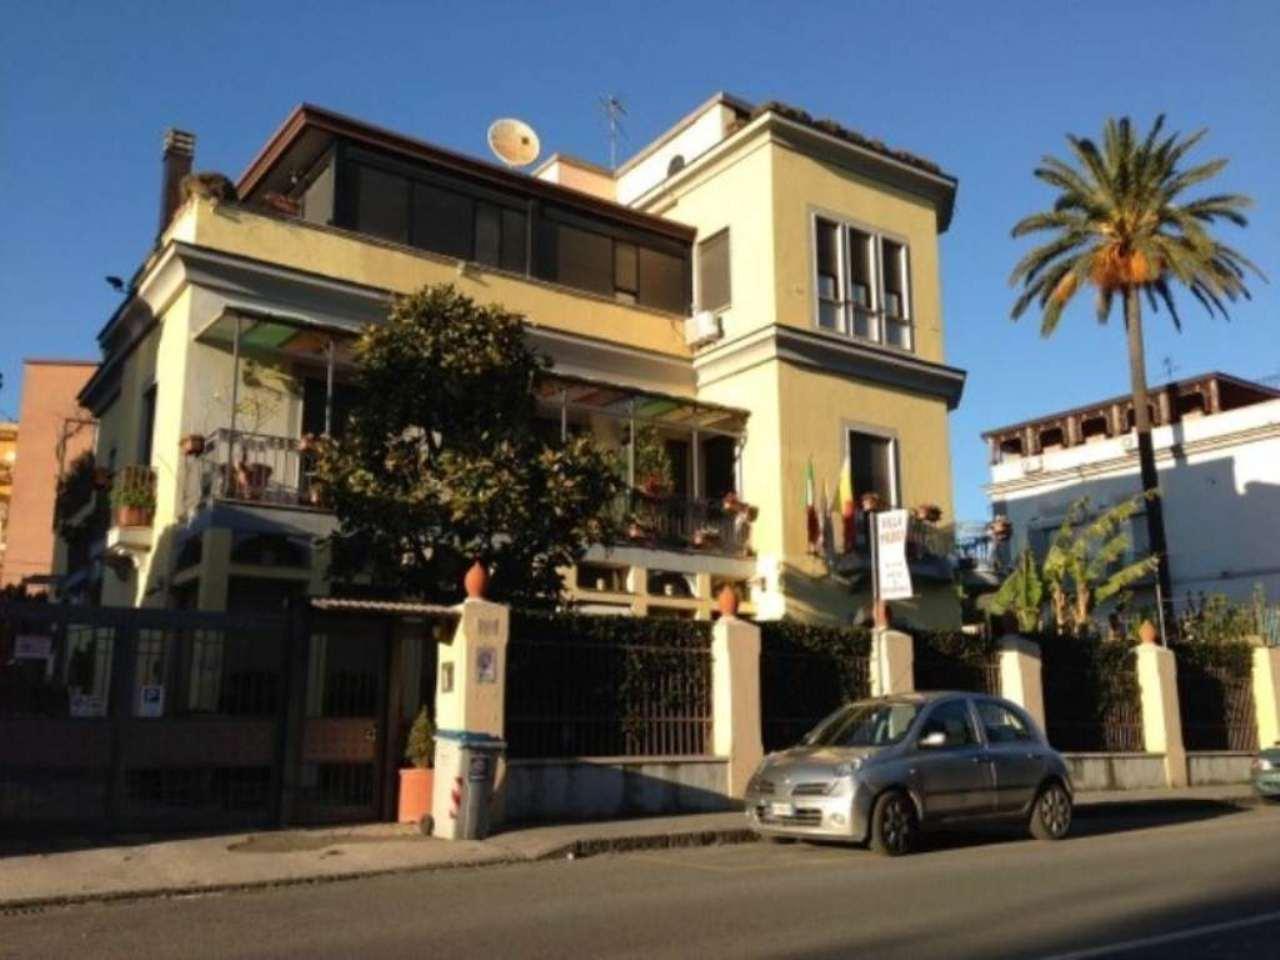 Palazzo / Stabile in vendita a Napoli, 9999 locali, zona Zona: 10 . Bagnoli, Fuorigrotta, Agnano, Trattative riservate | CambioCasa.it